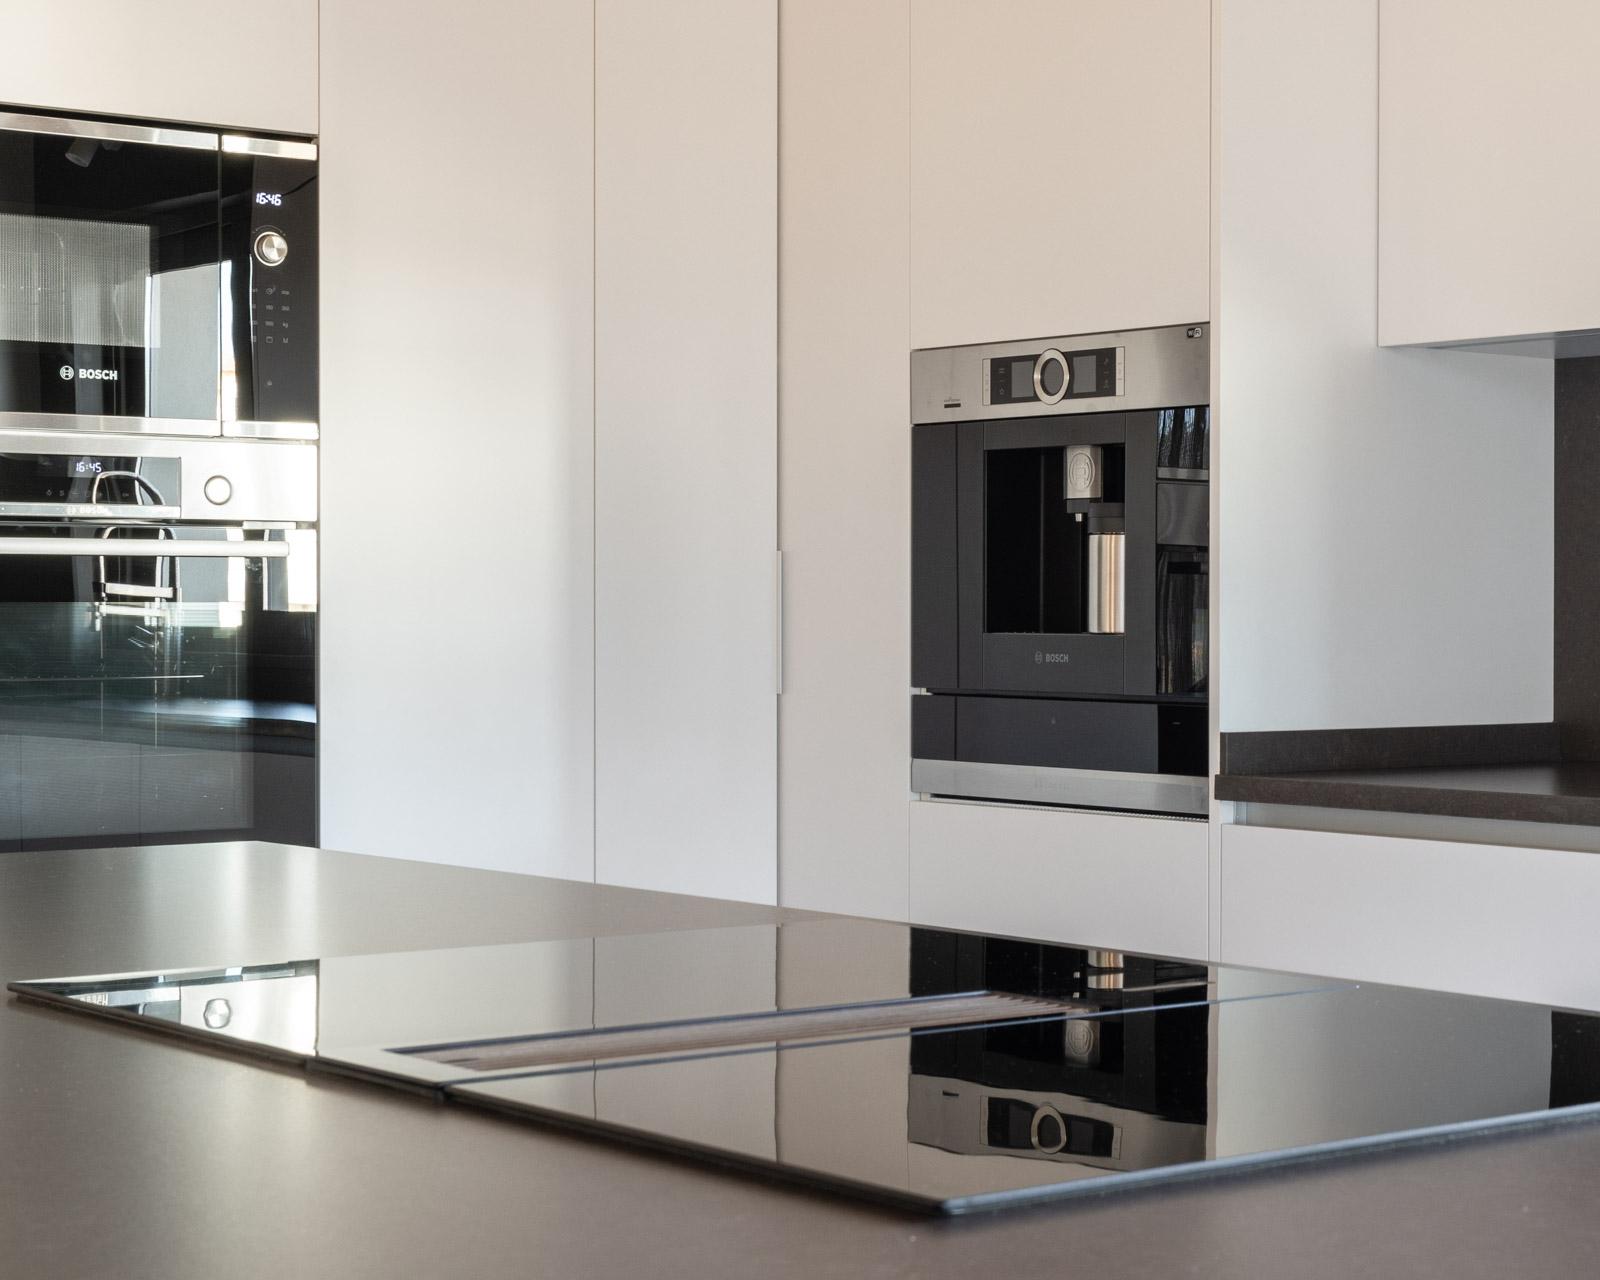 Cozinha moderna com máquina de café integrada no Algarve.